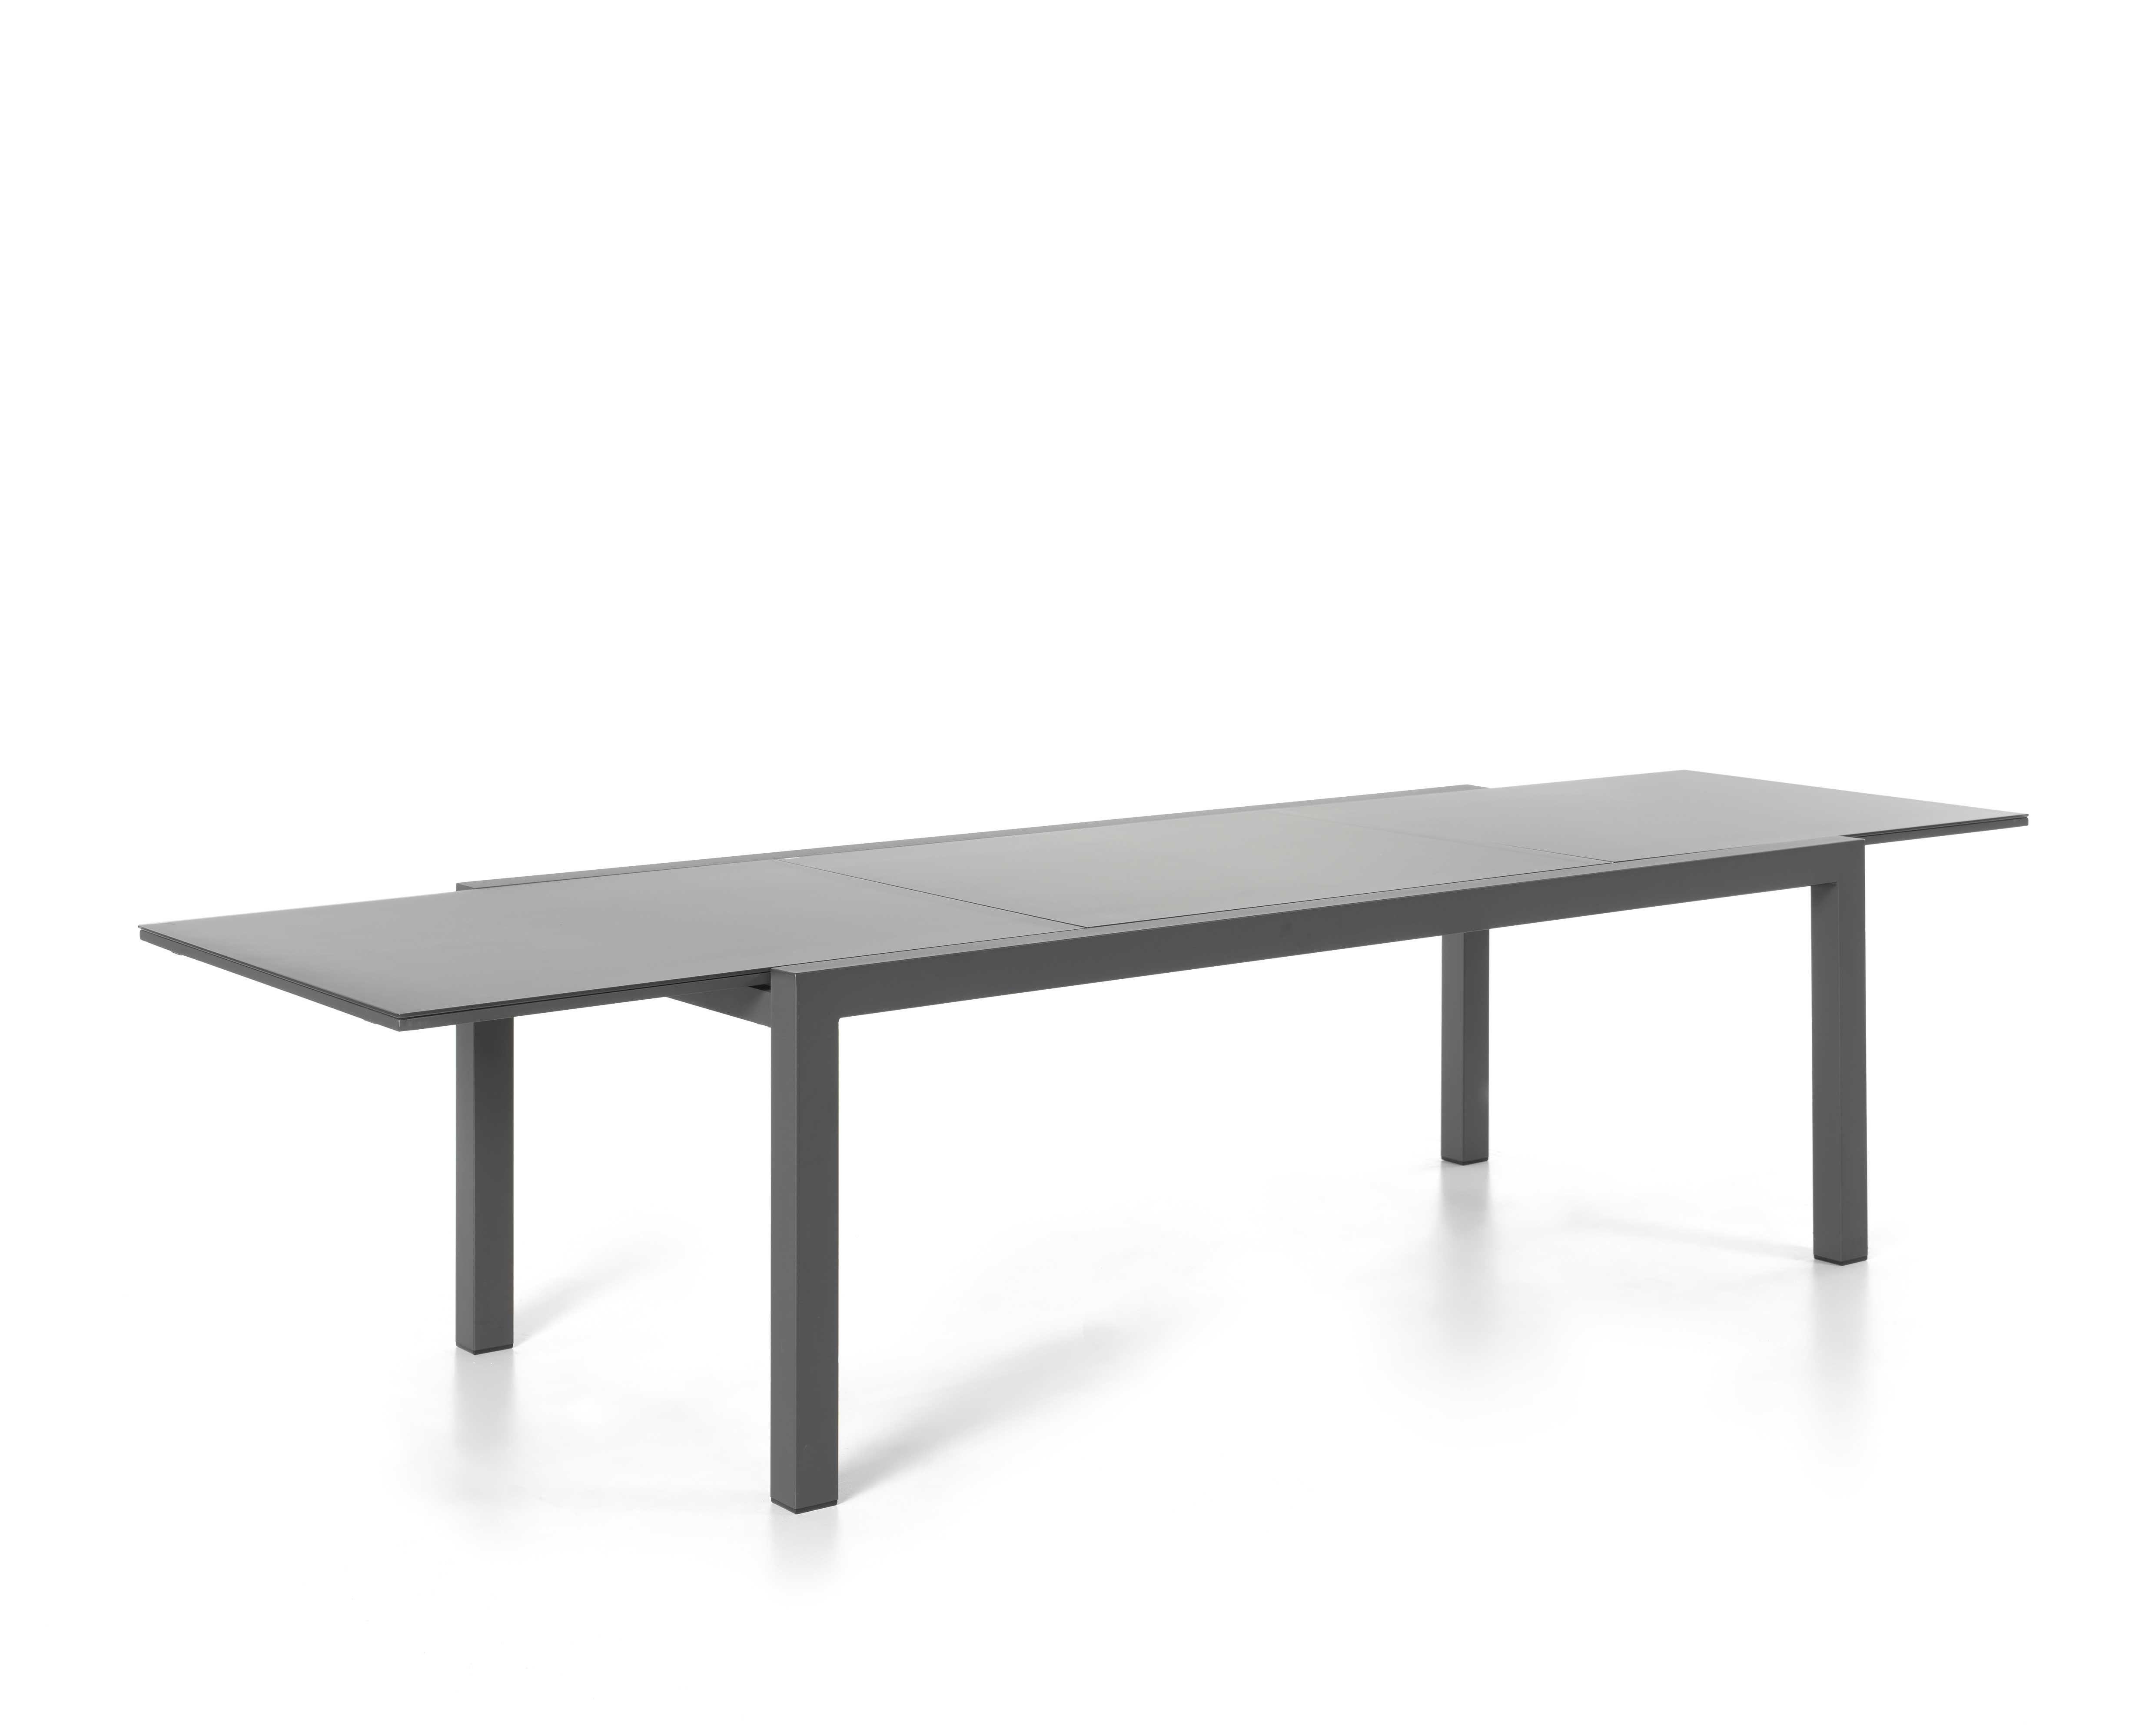 Table de jardin extensible Kingstown 220/330 - noir/gris foncé